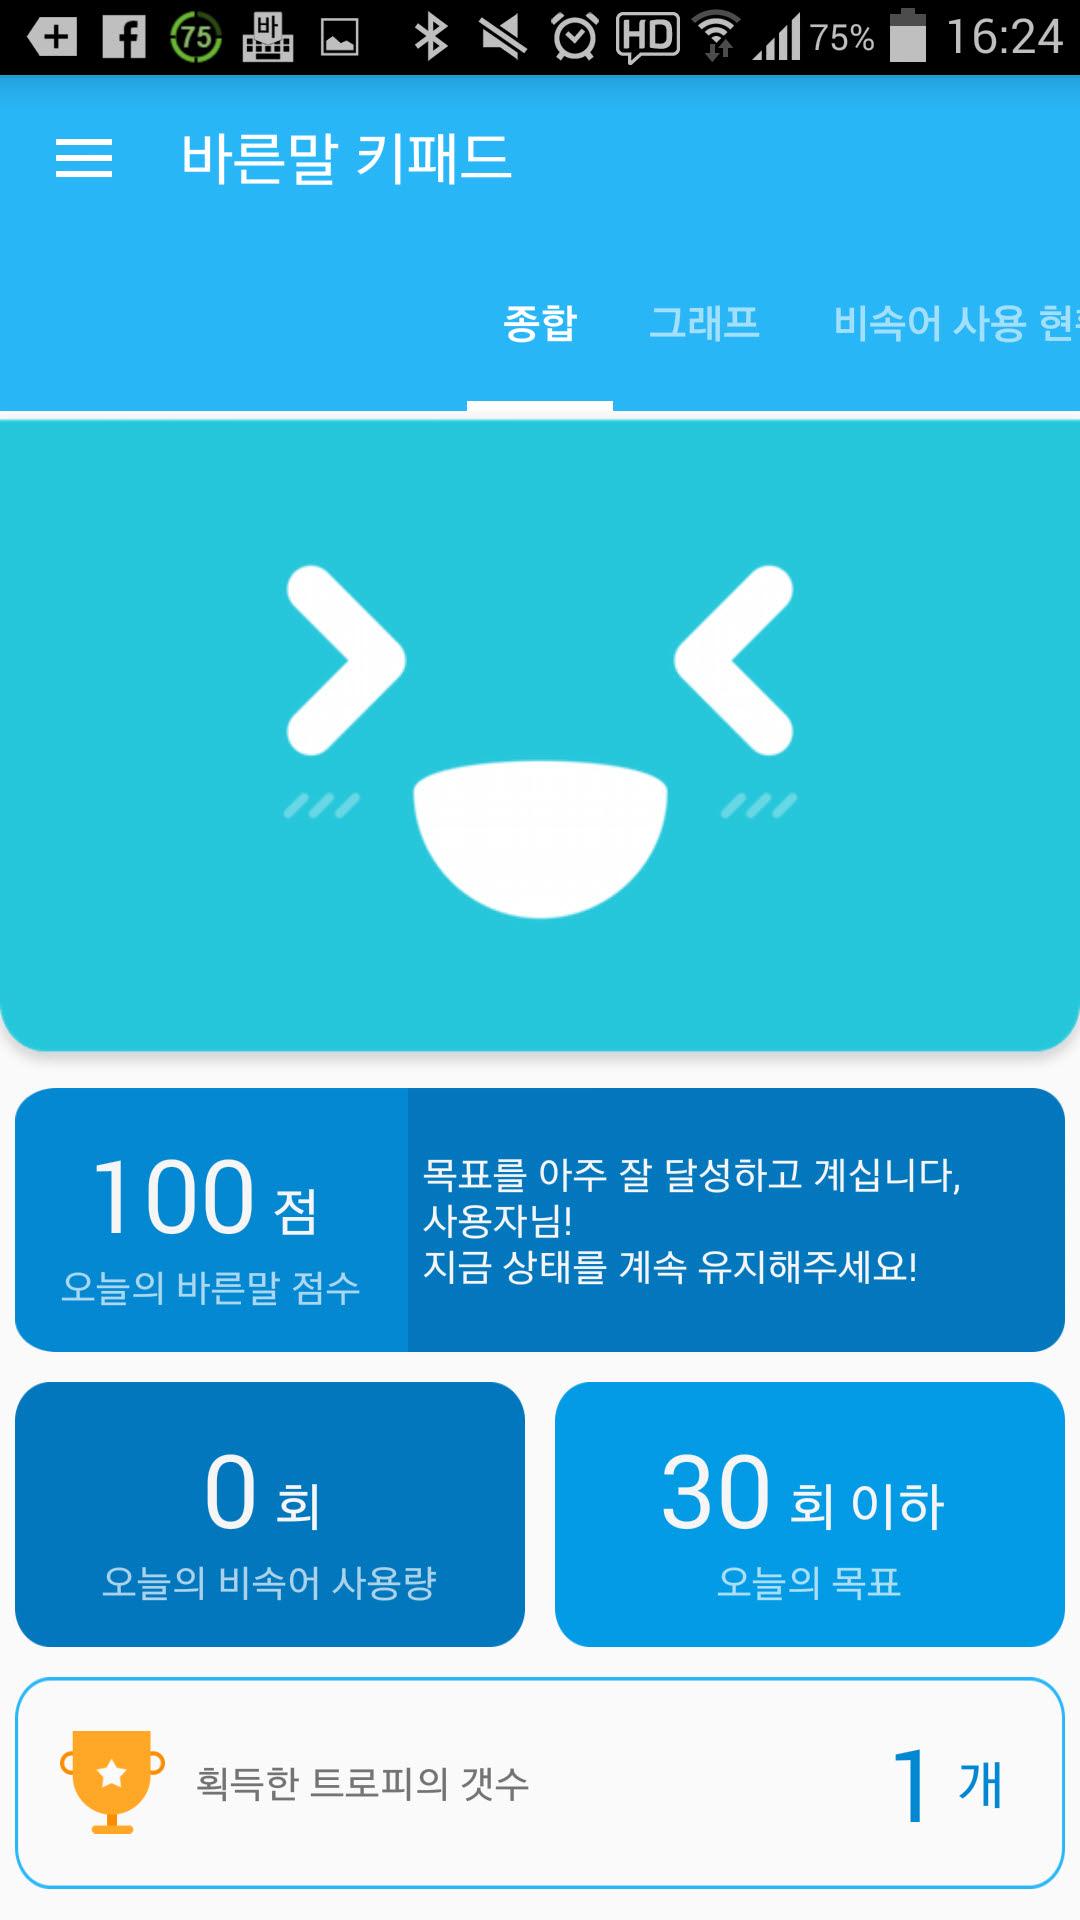 바른 말 키패드의 메인 화면.